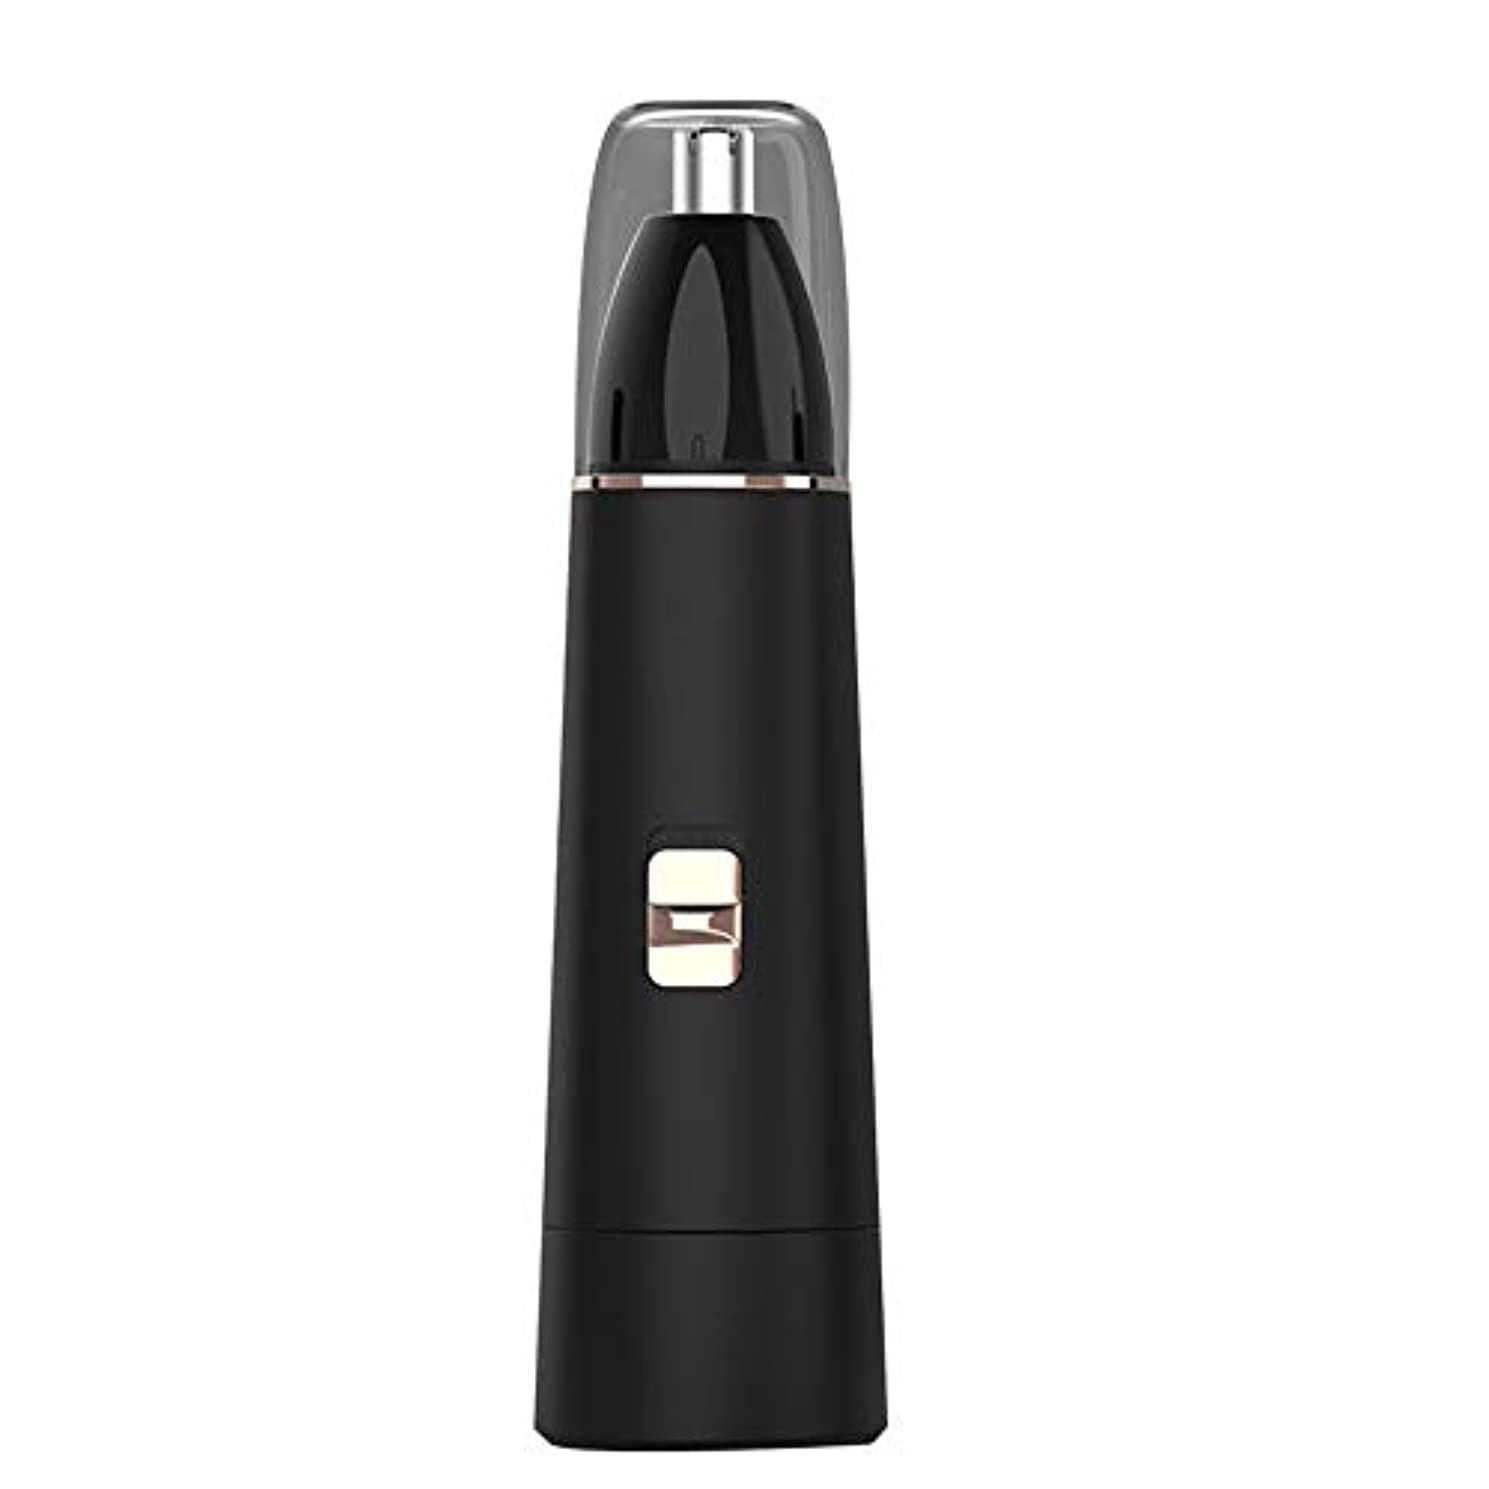 不平を言う穏やかなアコー鼻毛トリマー-USB充電式電動鼻毛トリマー/ABS素材/多機能 持つ価値があります